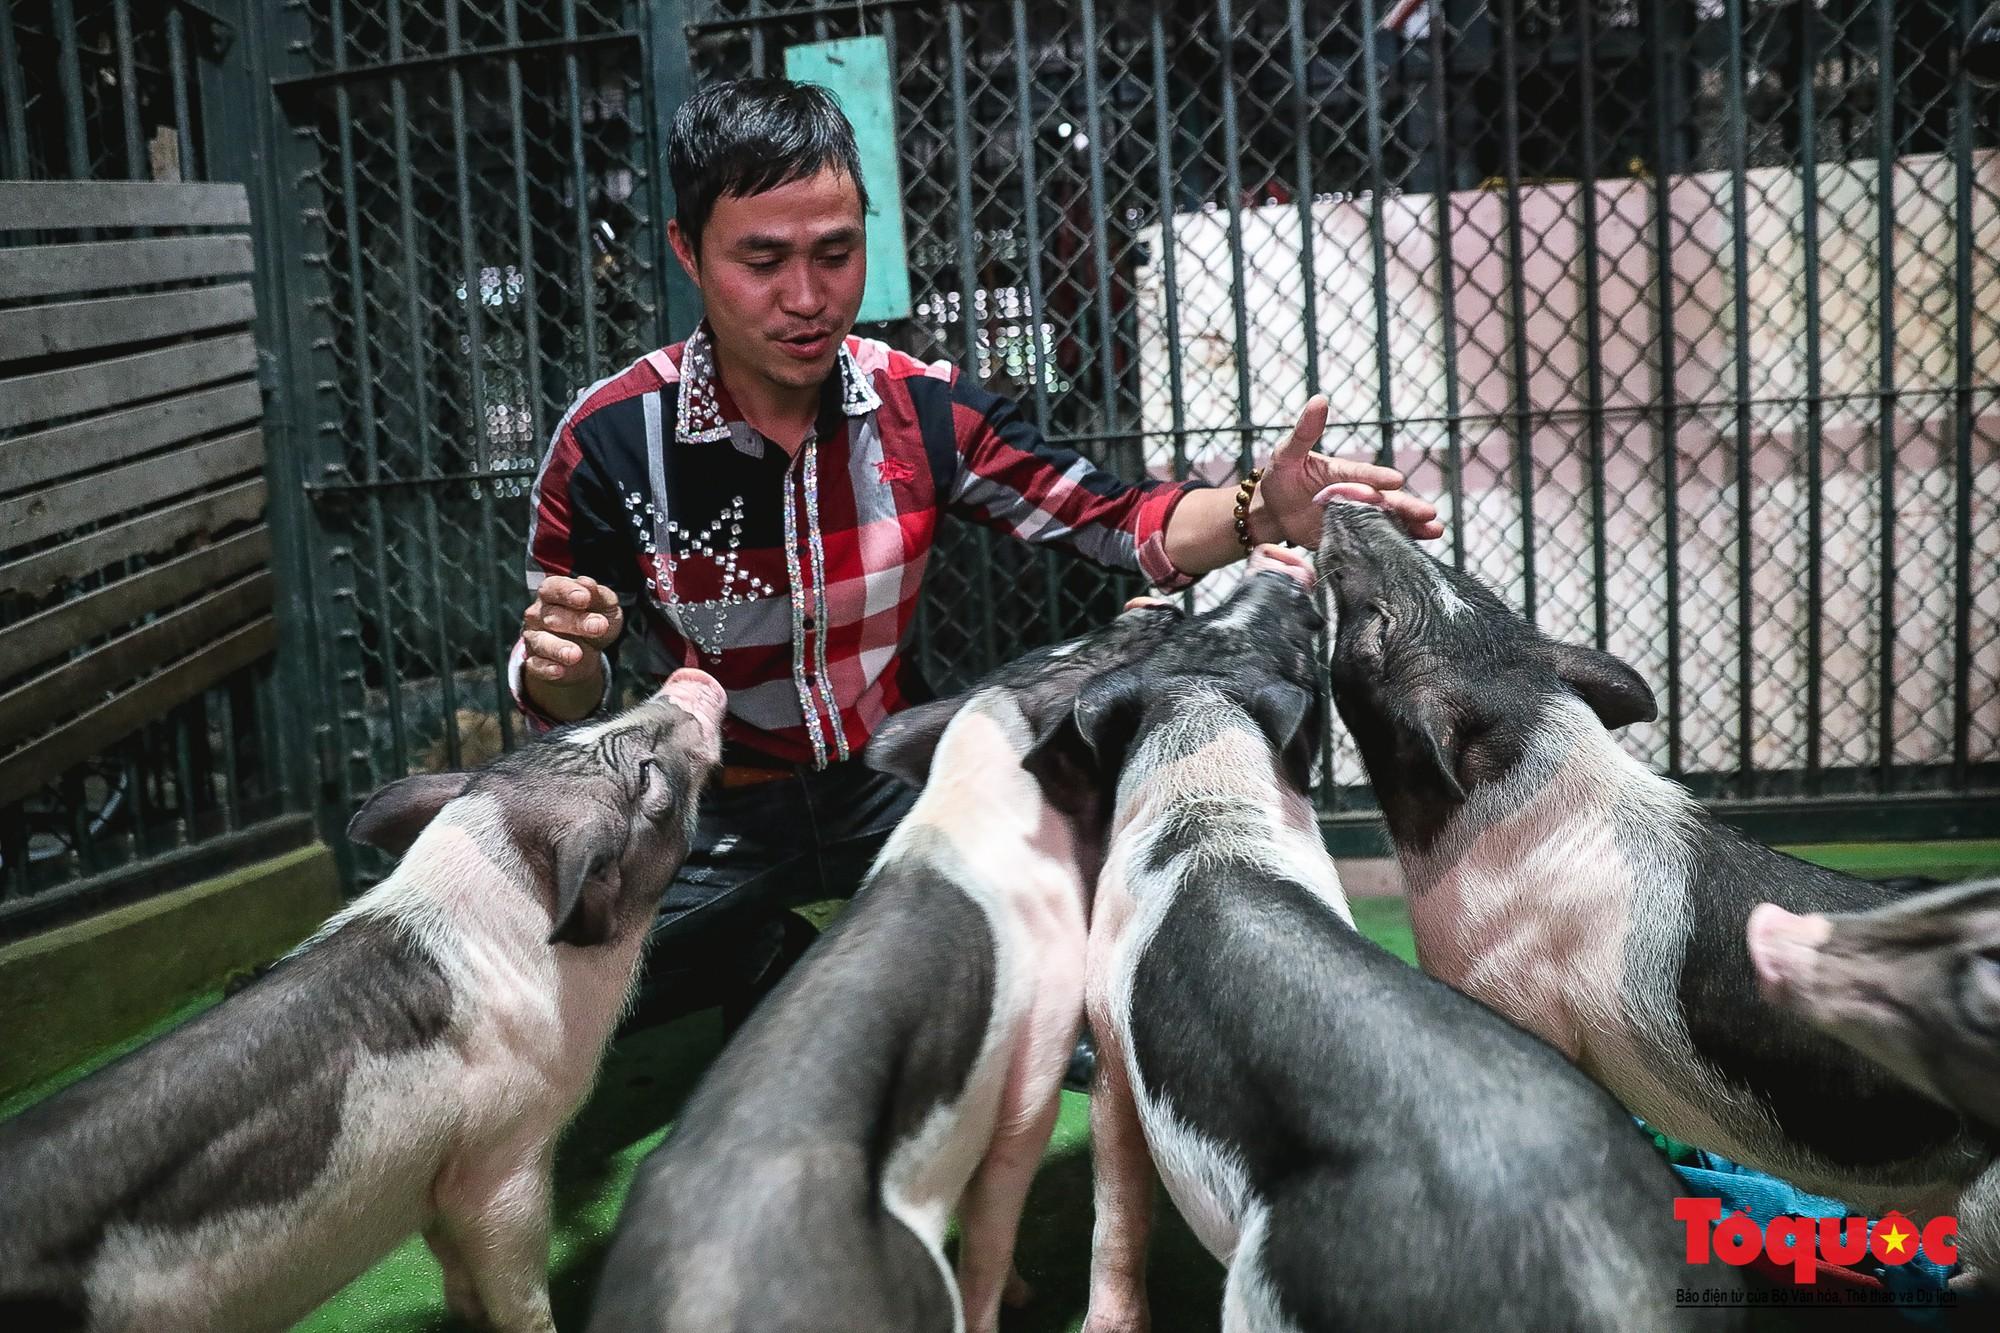 Năm Kỷ Hợi: Cùng khám phá nơi huấn luyện xiếc lợn đầu tiên của Việt Nam - Ảnh 5.